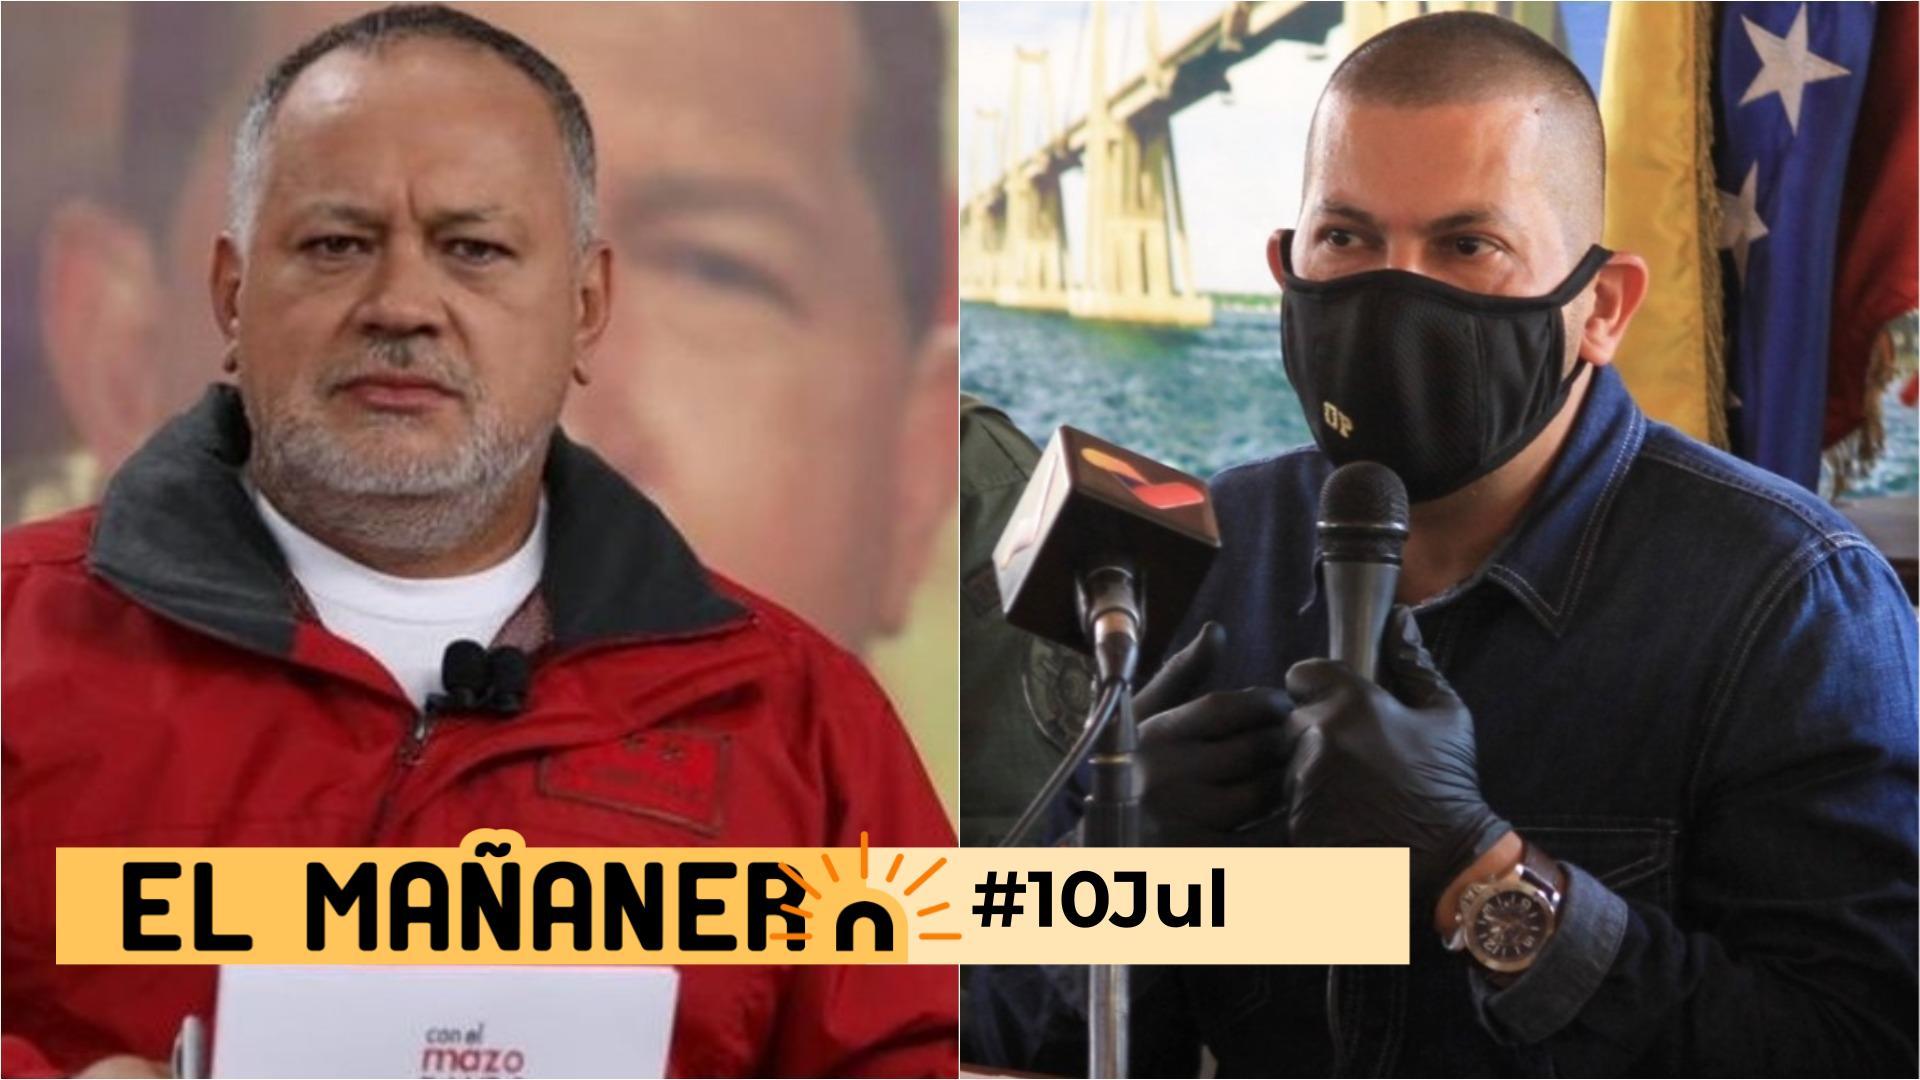 El Mañanero de hoy #10Jul: Las 8 noticias que debes saber